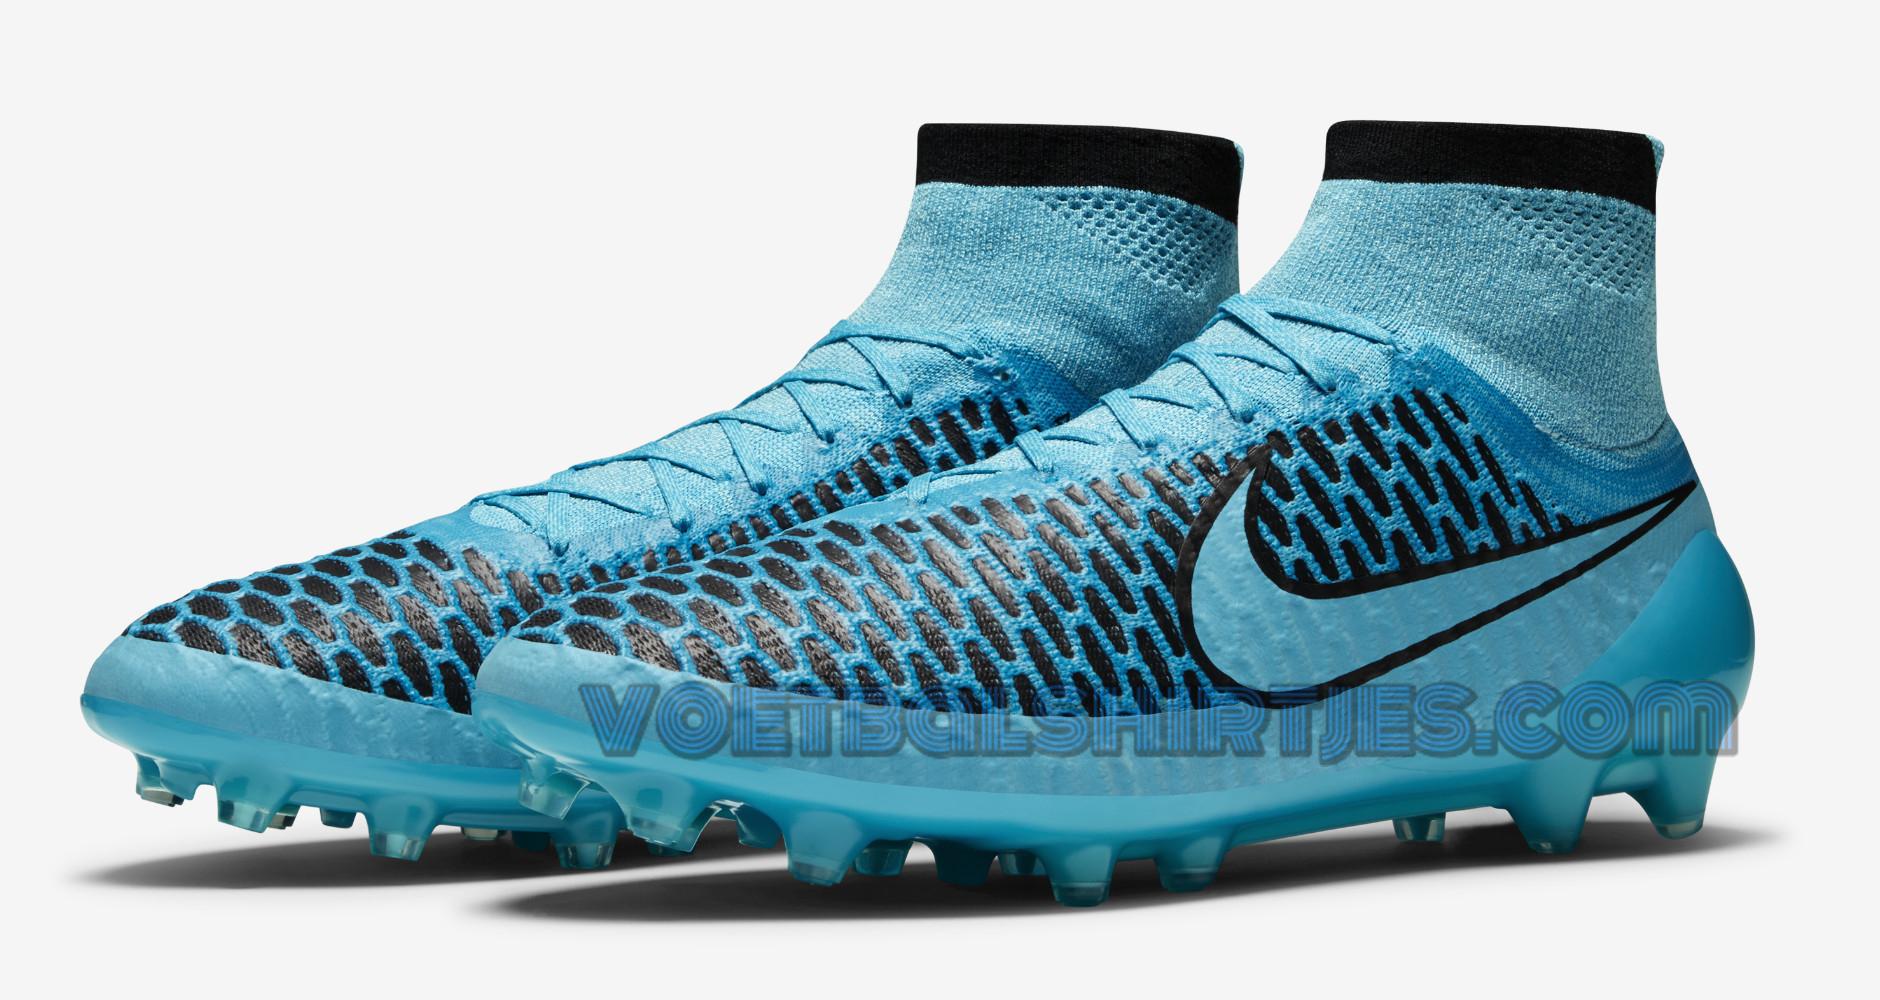 Nike Magista Obra blauw Magista voetbalschoenen kopen